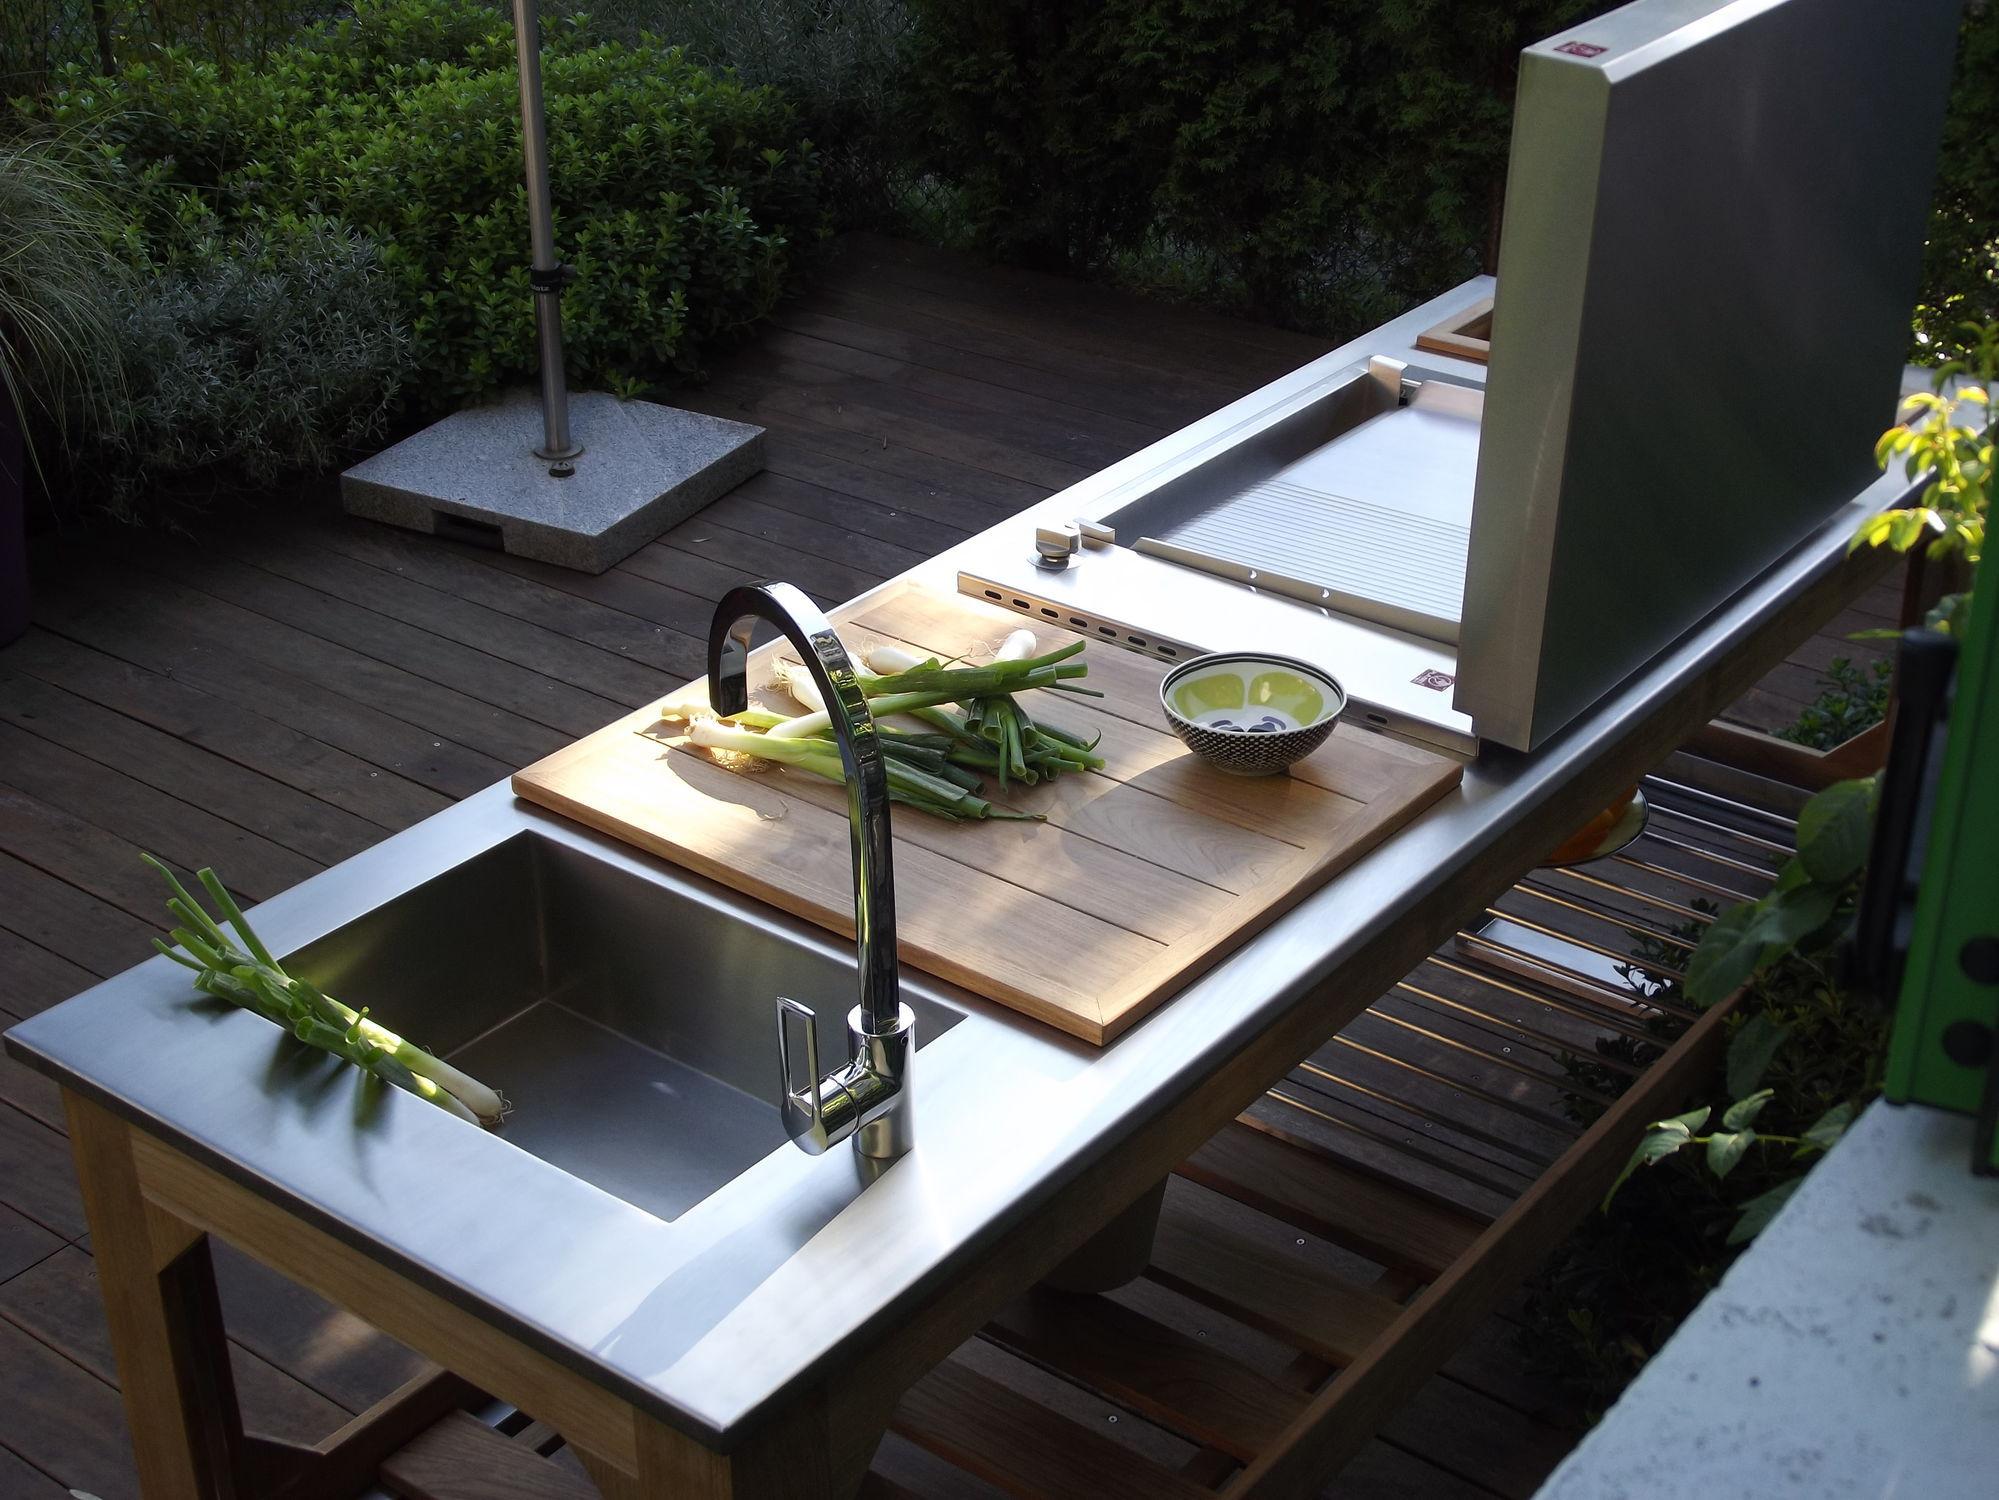 Outdoorküche Garten Edelstahl Günstig : Küche für den garten modern stahl edelstahl window